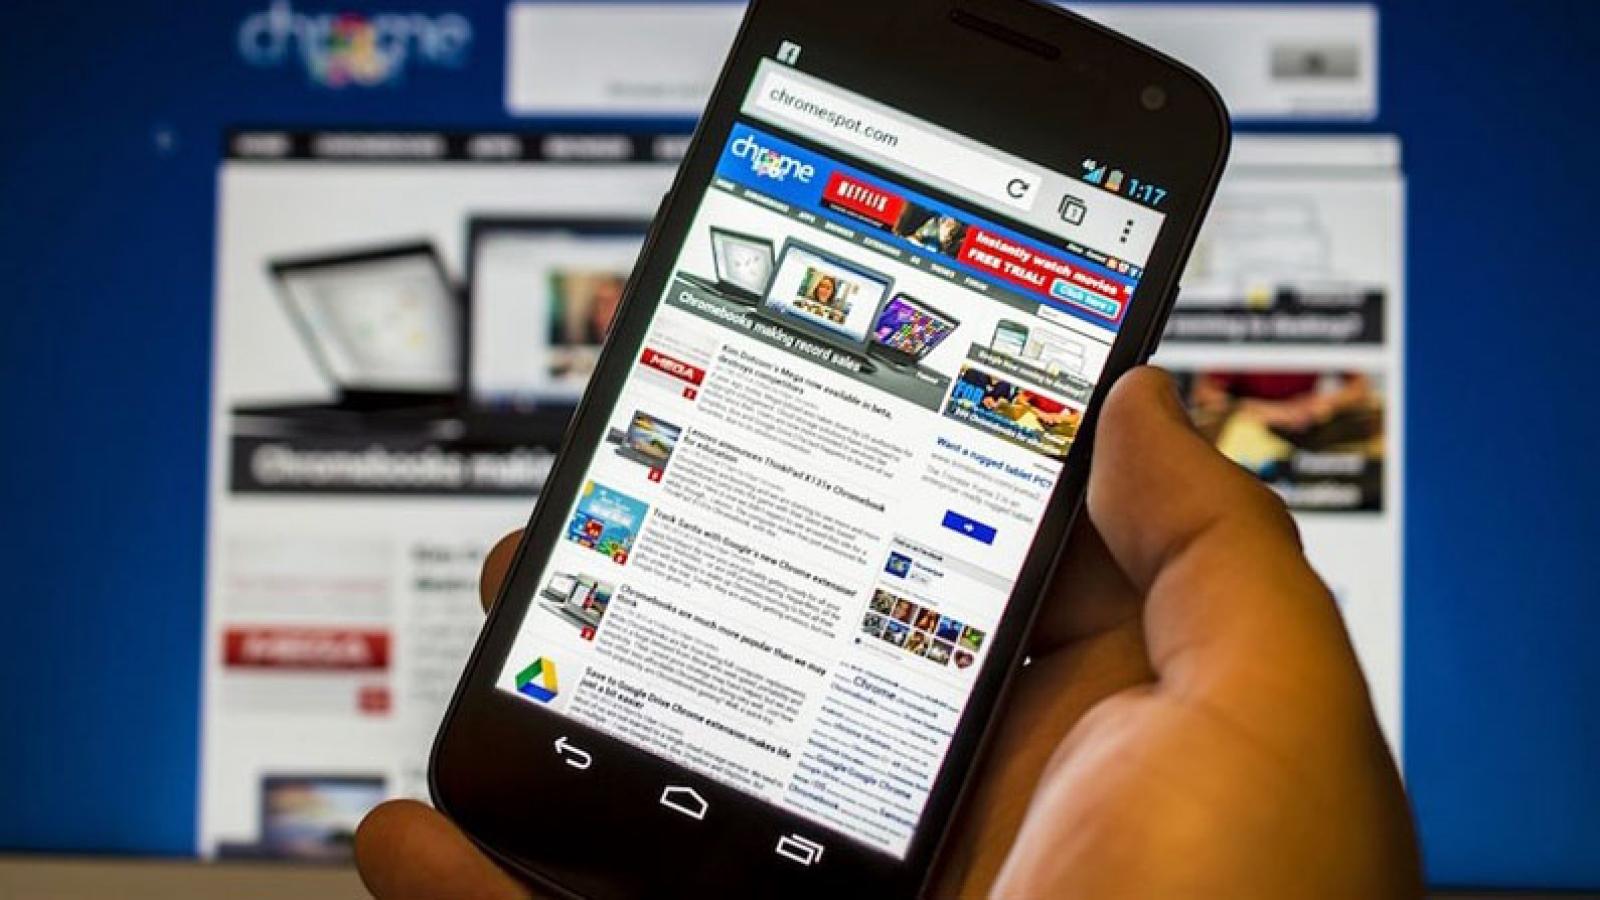 Điện thoại dùng Android cũ khó được hỗ trợ truy cập web an toàn